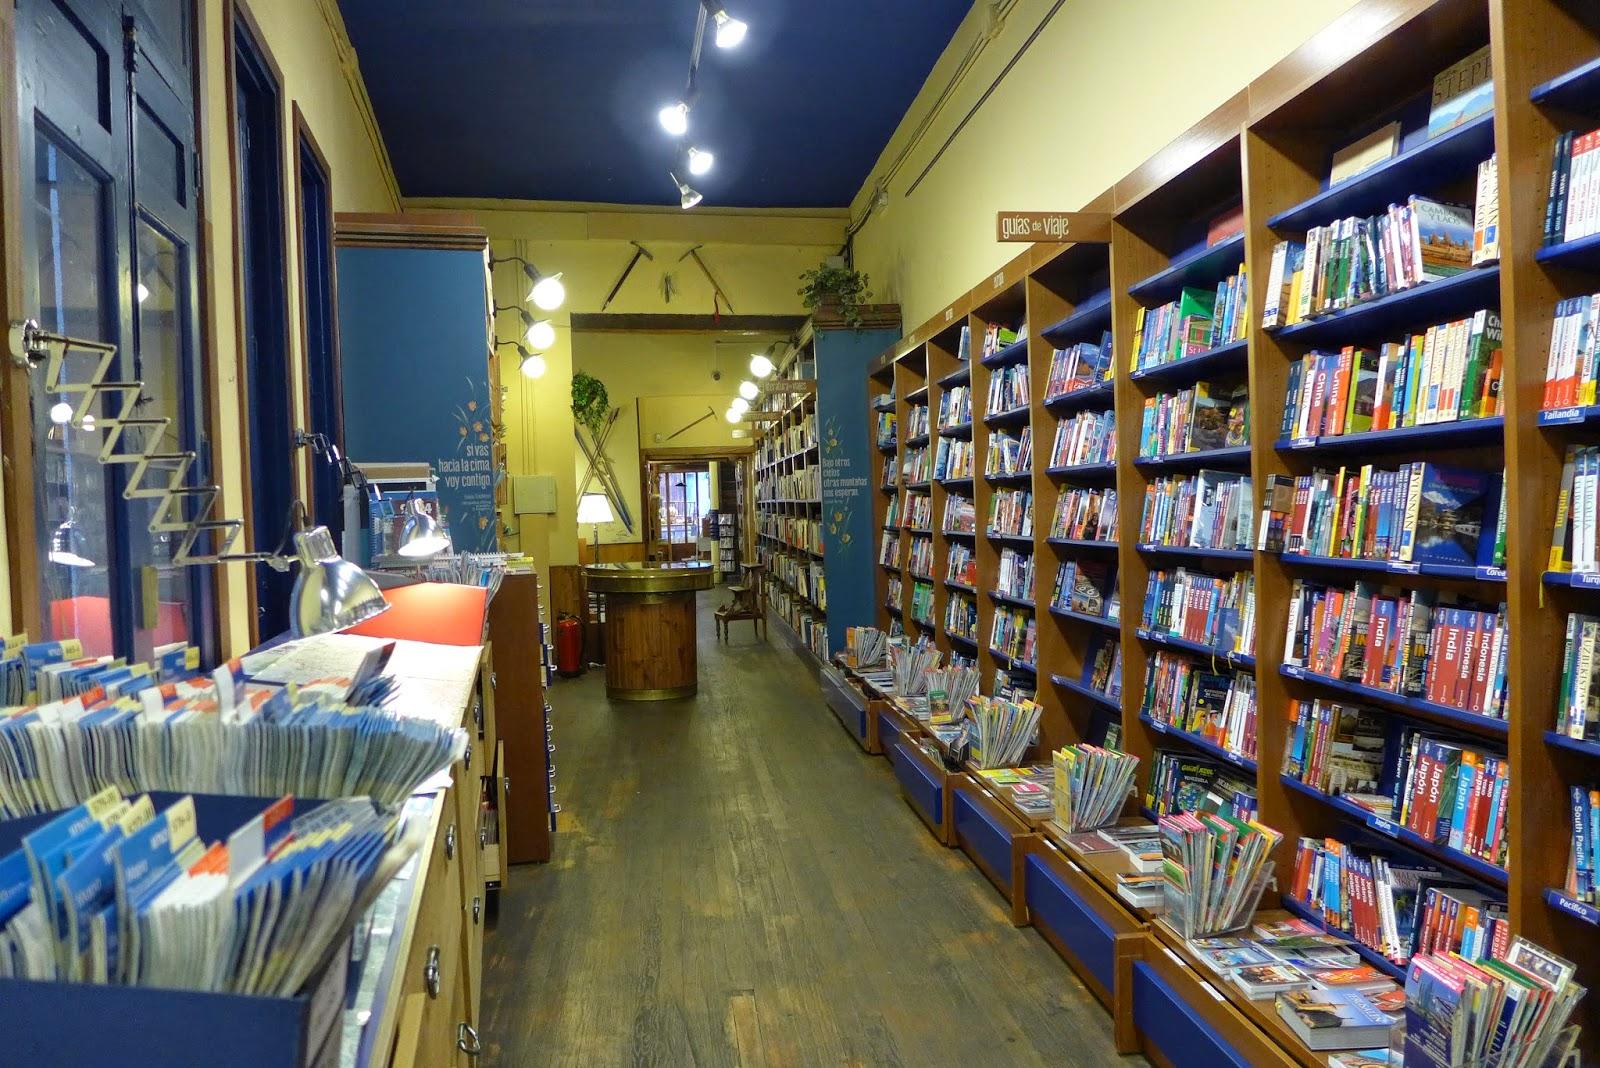 Carreteras y oceanos febrero 2015 - Libreria desnivel barcelona ...